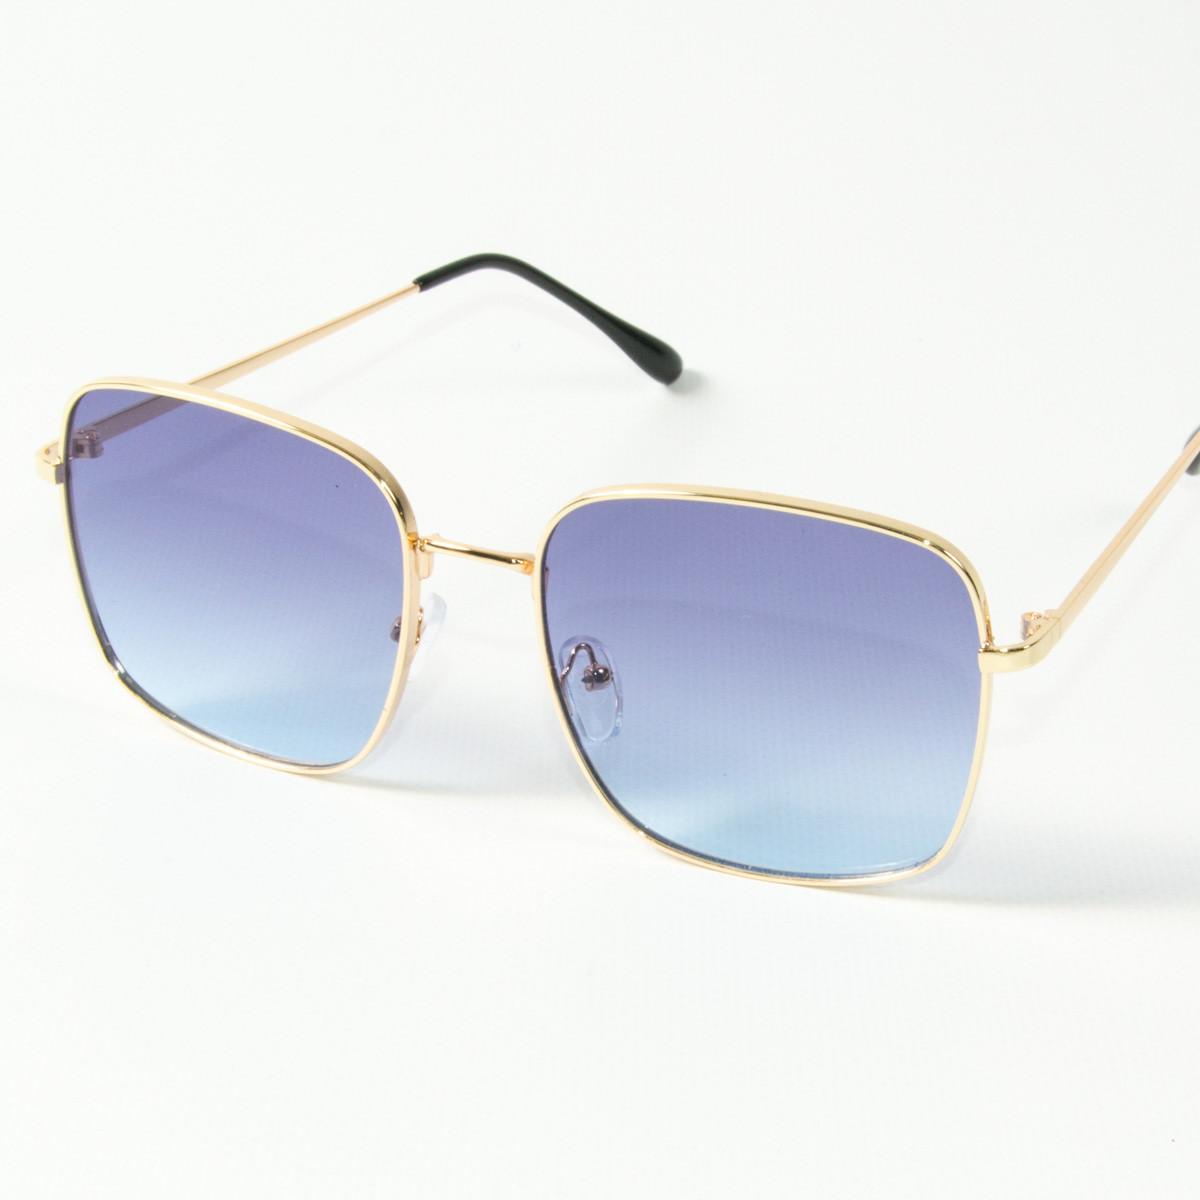 Оптом квадратные  солнцезащитные очки (арт. 80-661/2) голубые